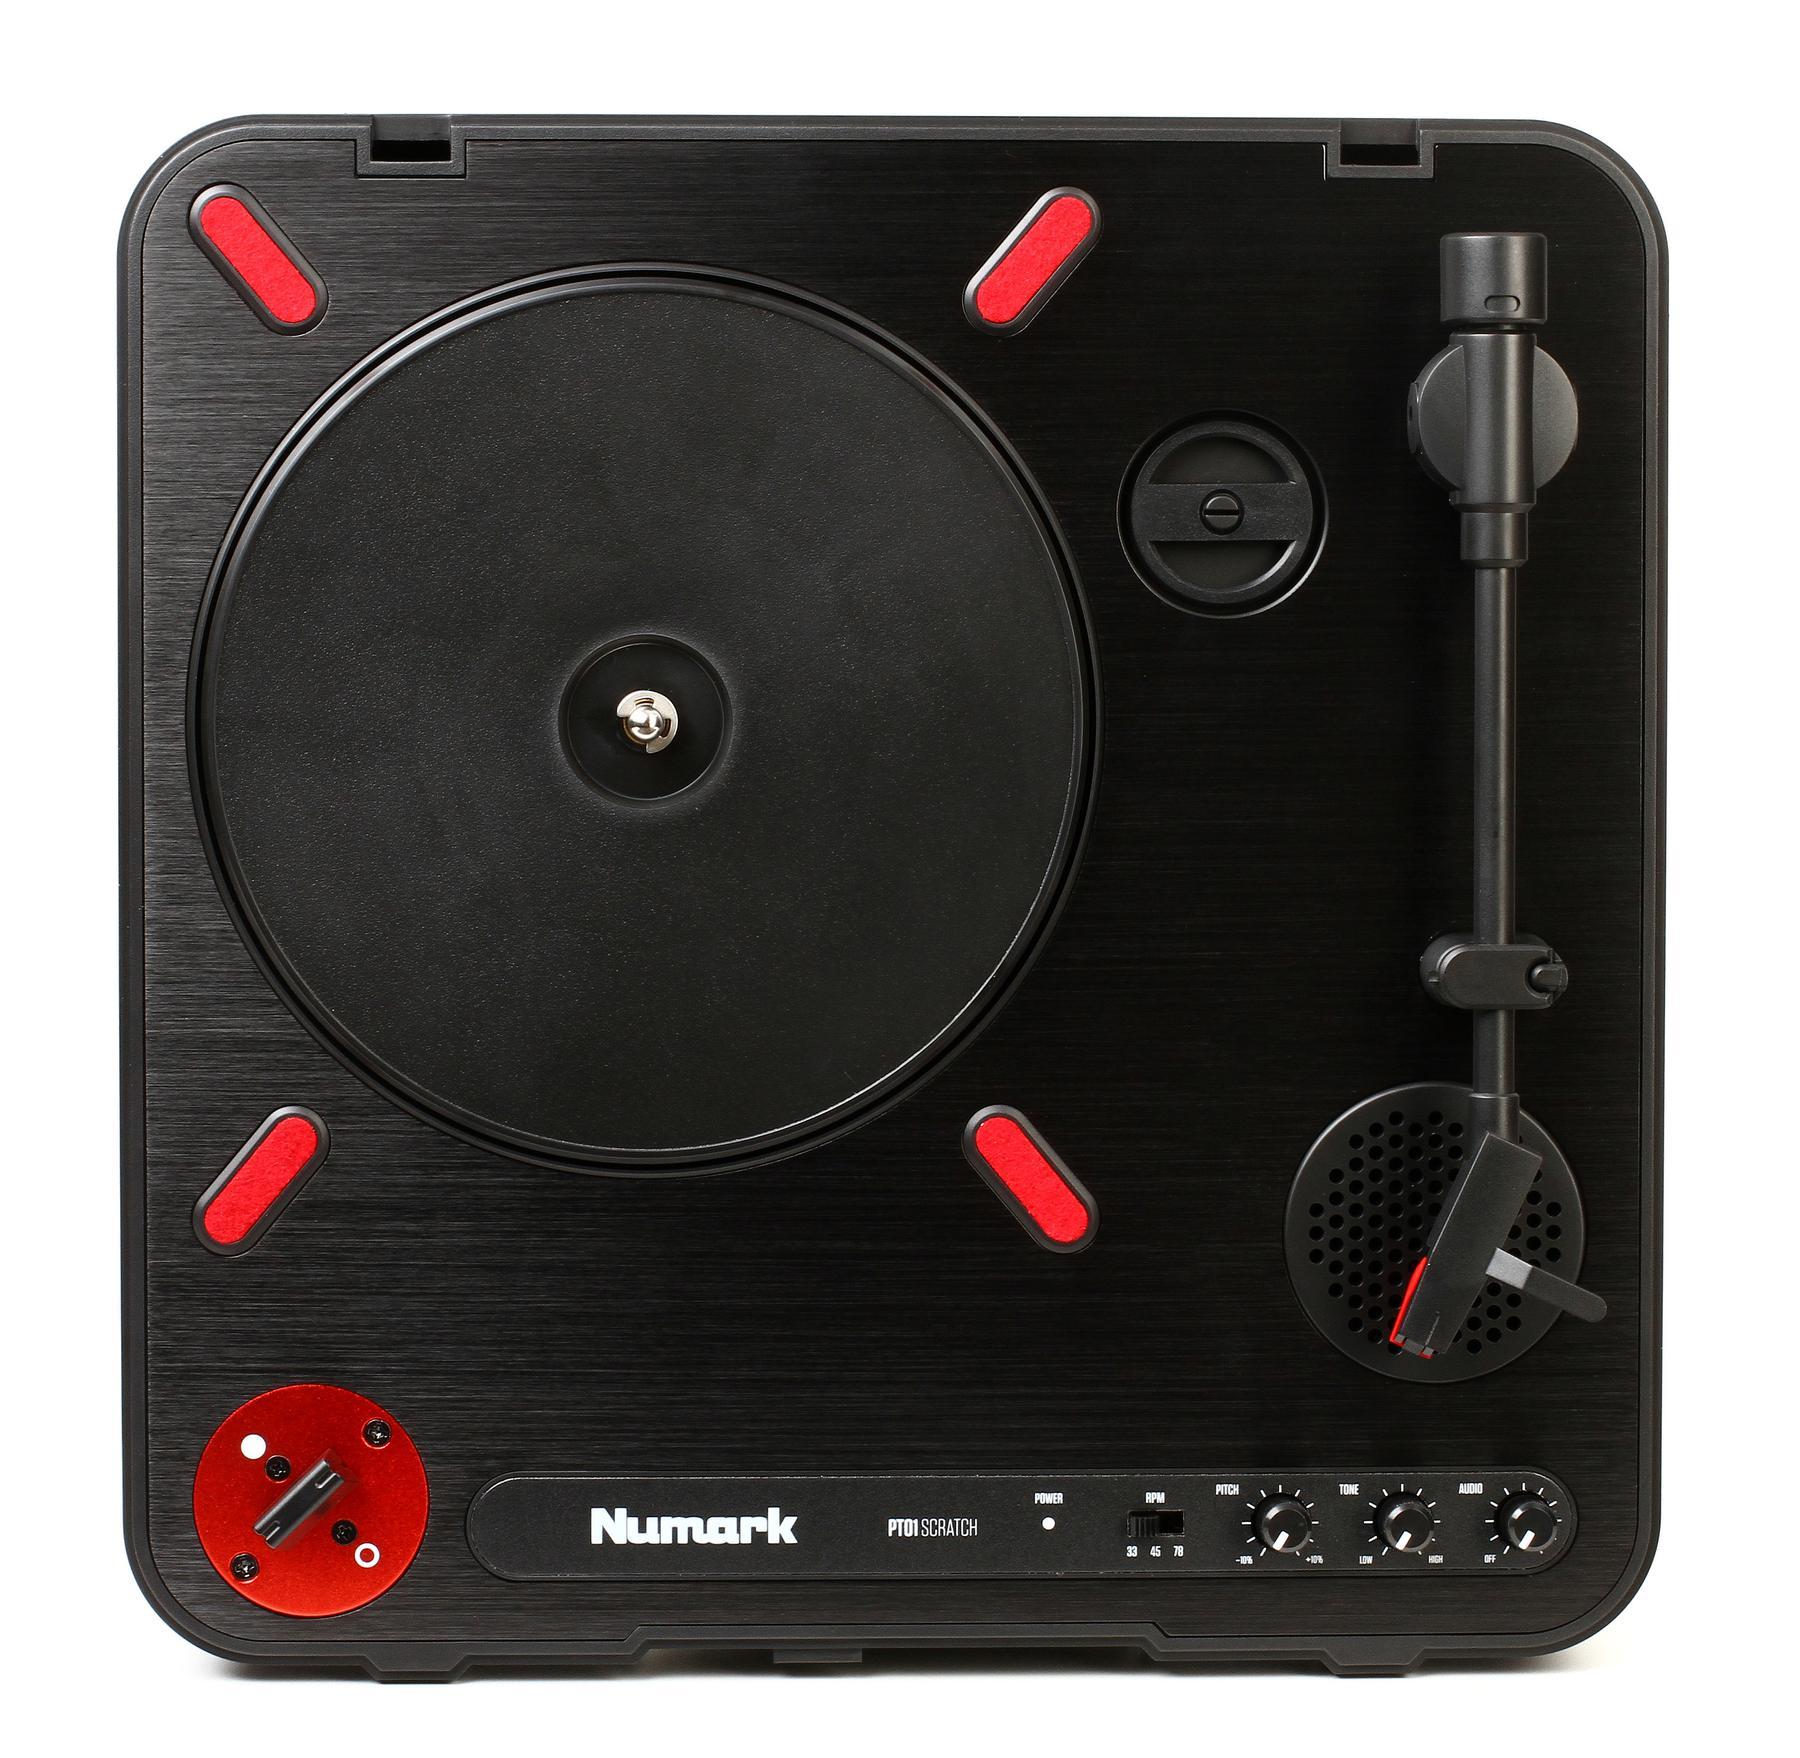 1. Numark PT01 Scratch Portable DJ Turntable